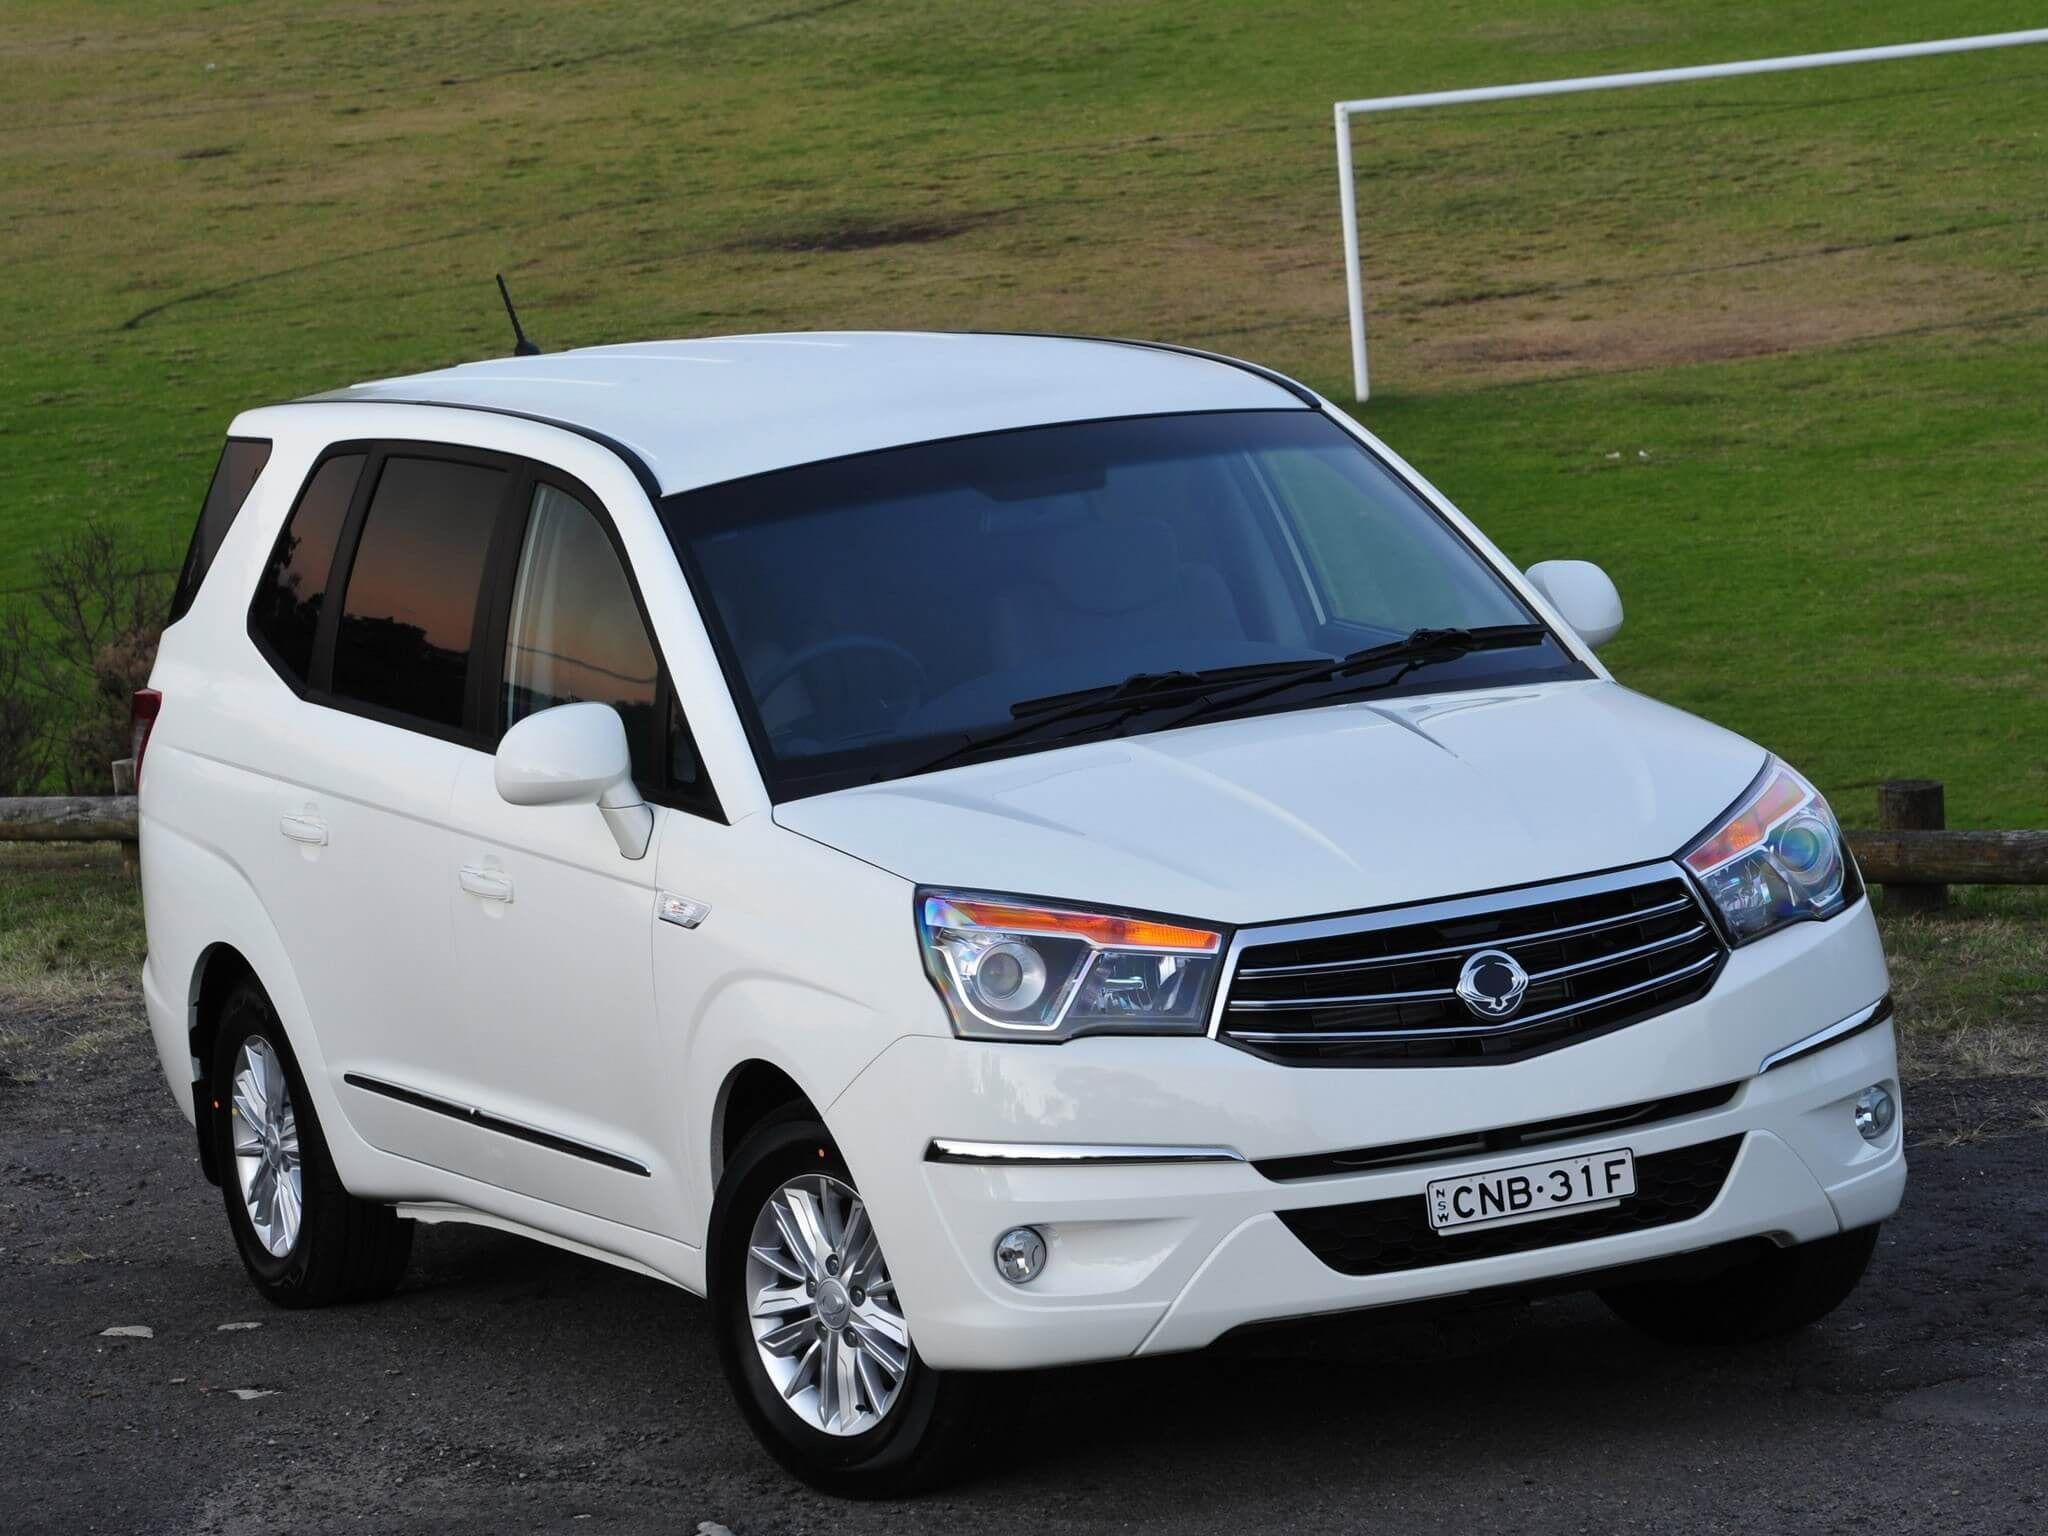 Автомобили SsangYong весь модельный ряд цены отзывы